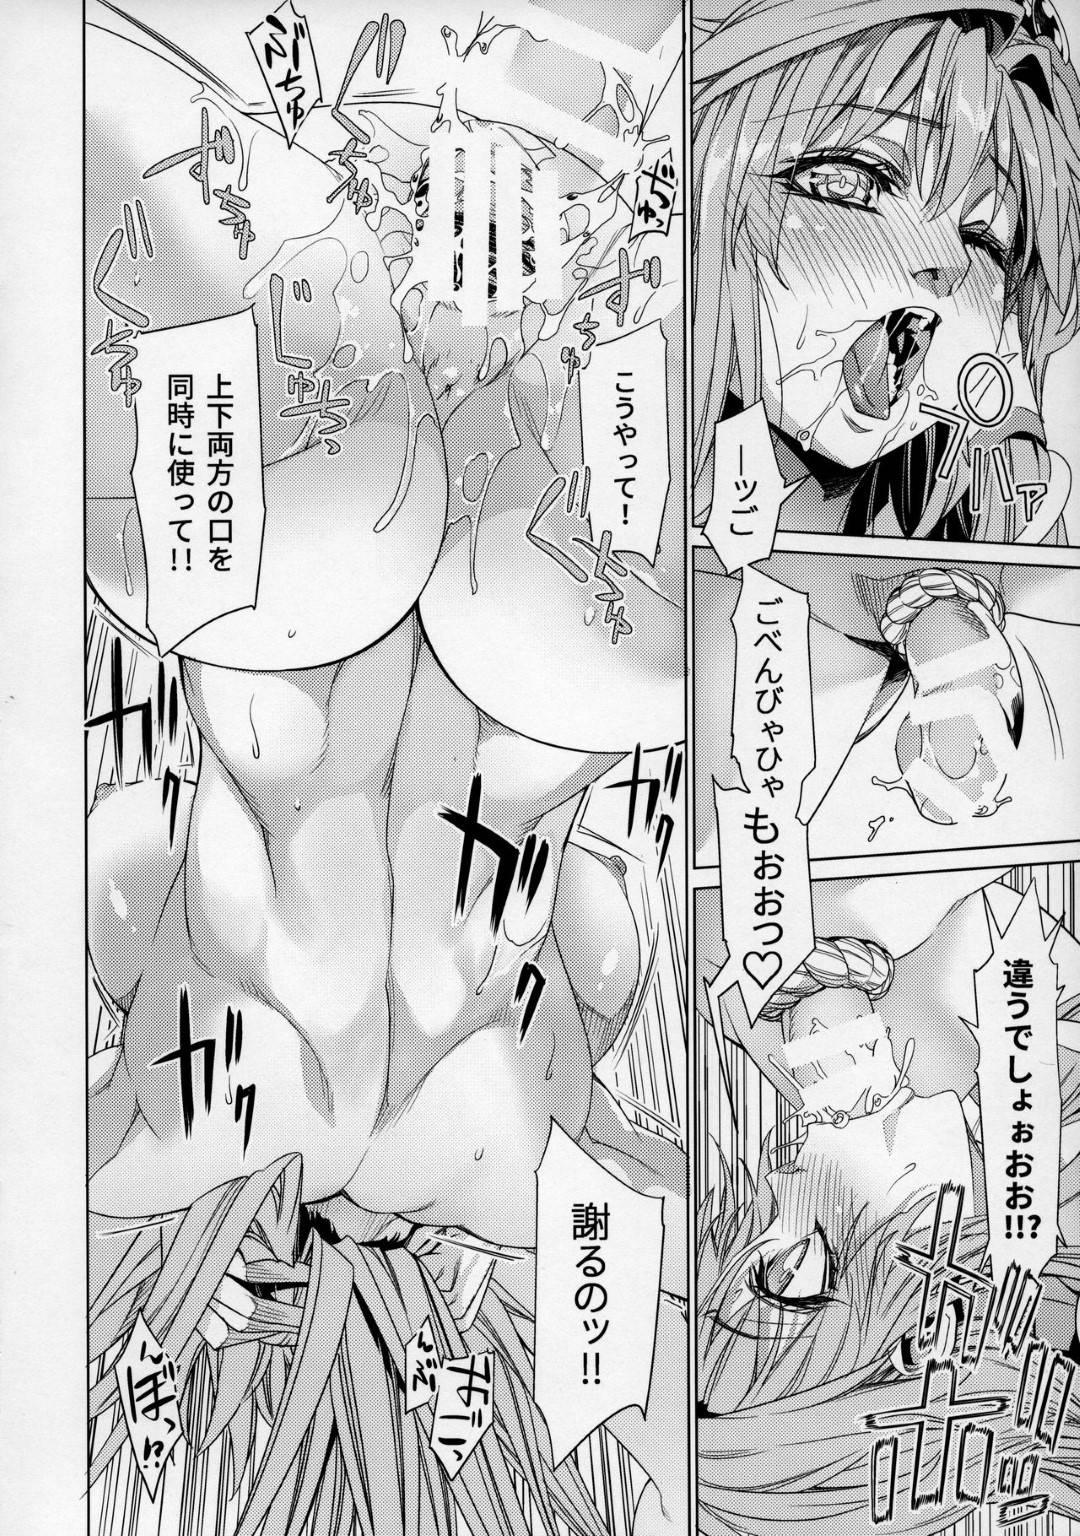 【東方エロ漫画】神奈子とうどんげ達と3Pセックスをするふたなりの早苗。うどんげに乳首を責められたり、耳を責められながら神奈子にフェラをされて口内射精しまくる!それでもビンビンに勃起したふたなりチンポを早苗は神奈子に正常位で生挿入する。【r;1】